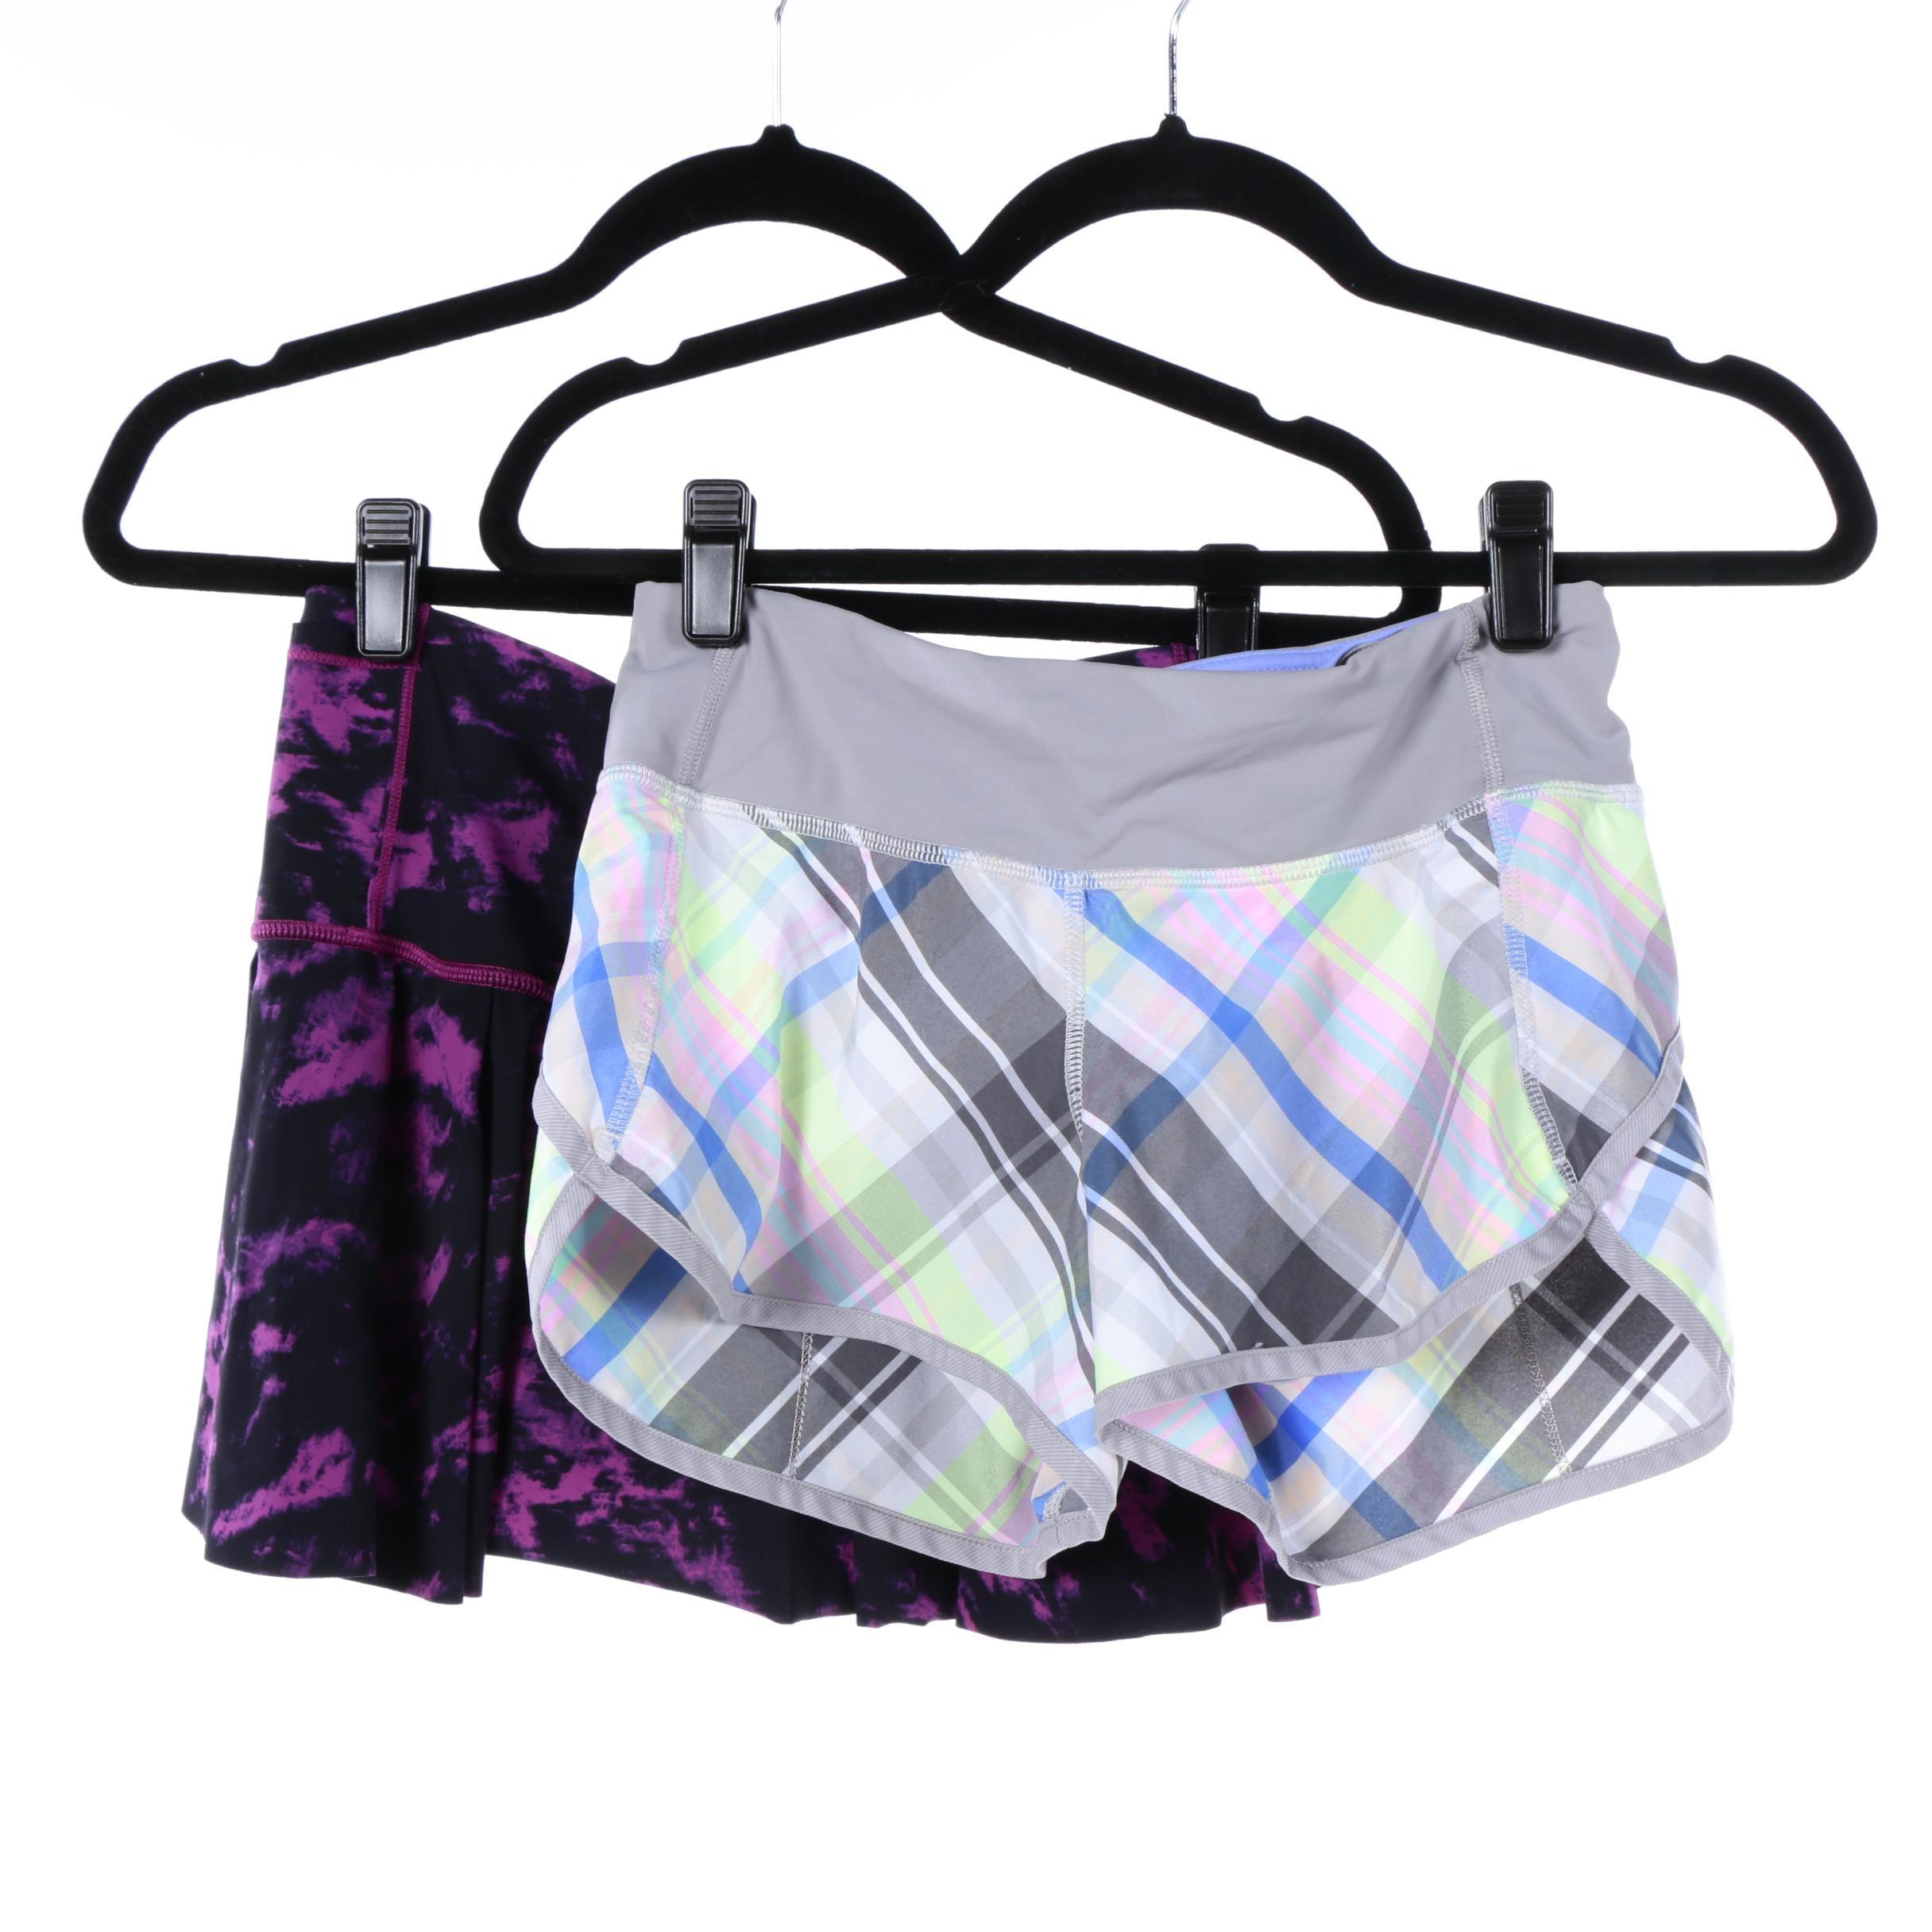 Lululemon Athletic Shorts and Skirt Including Plaid